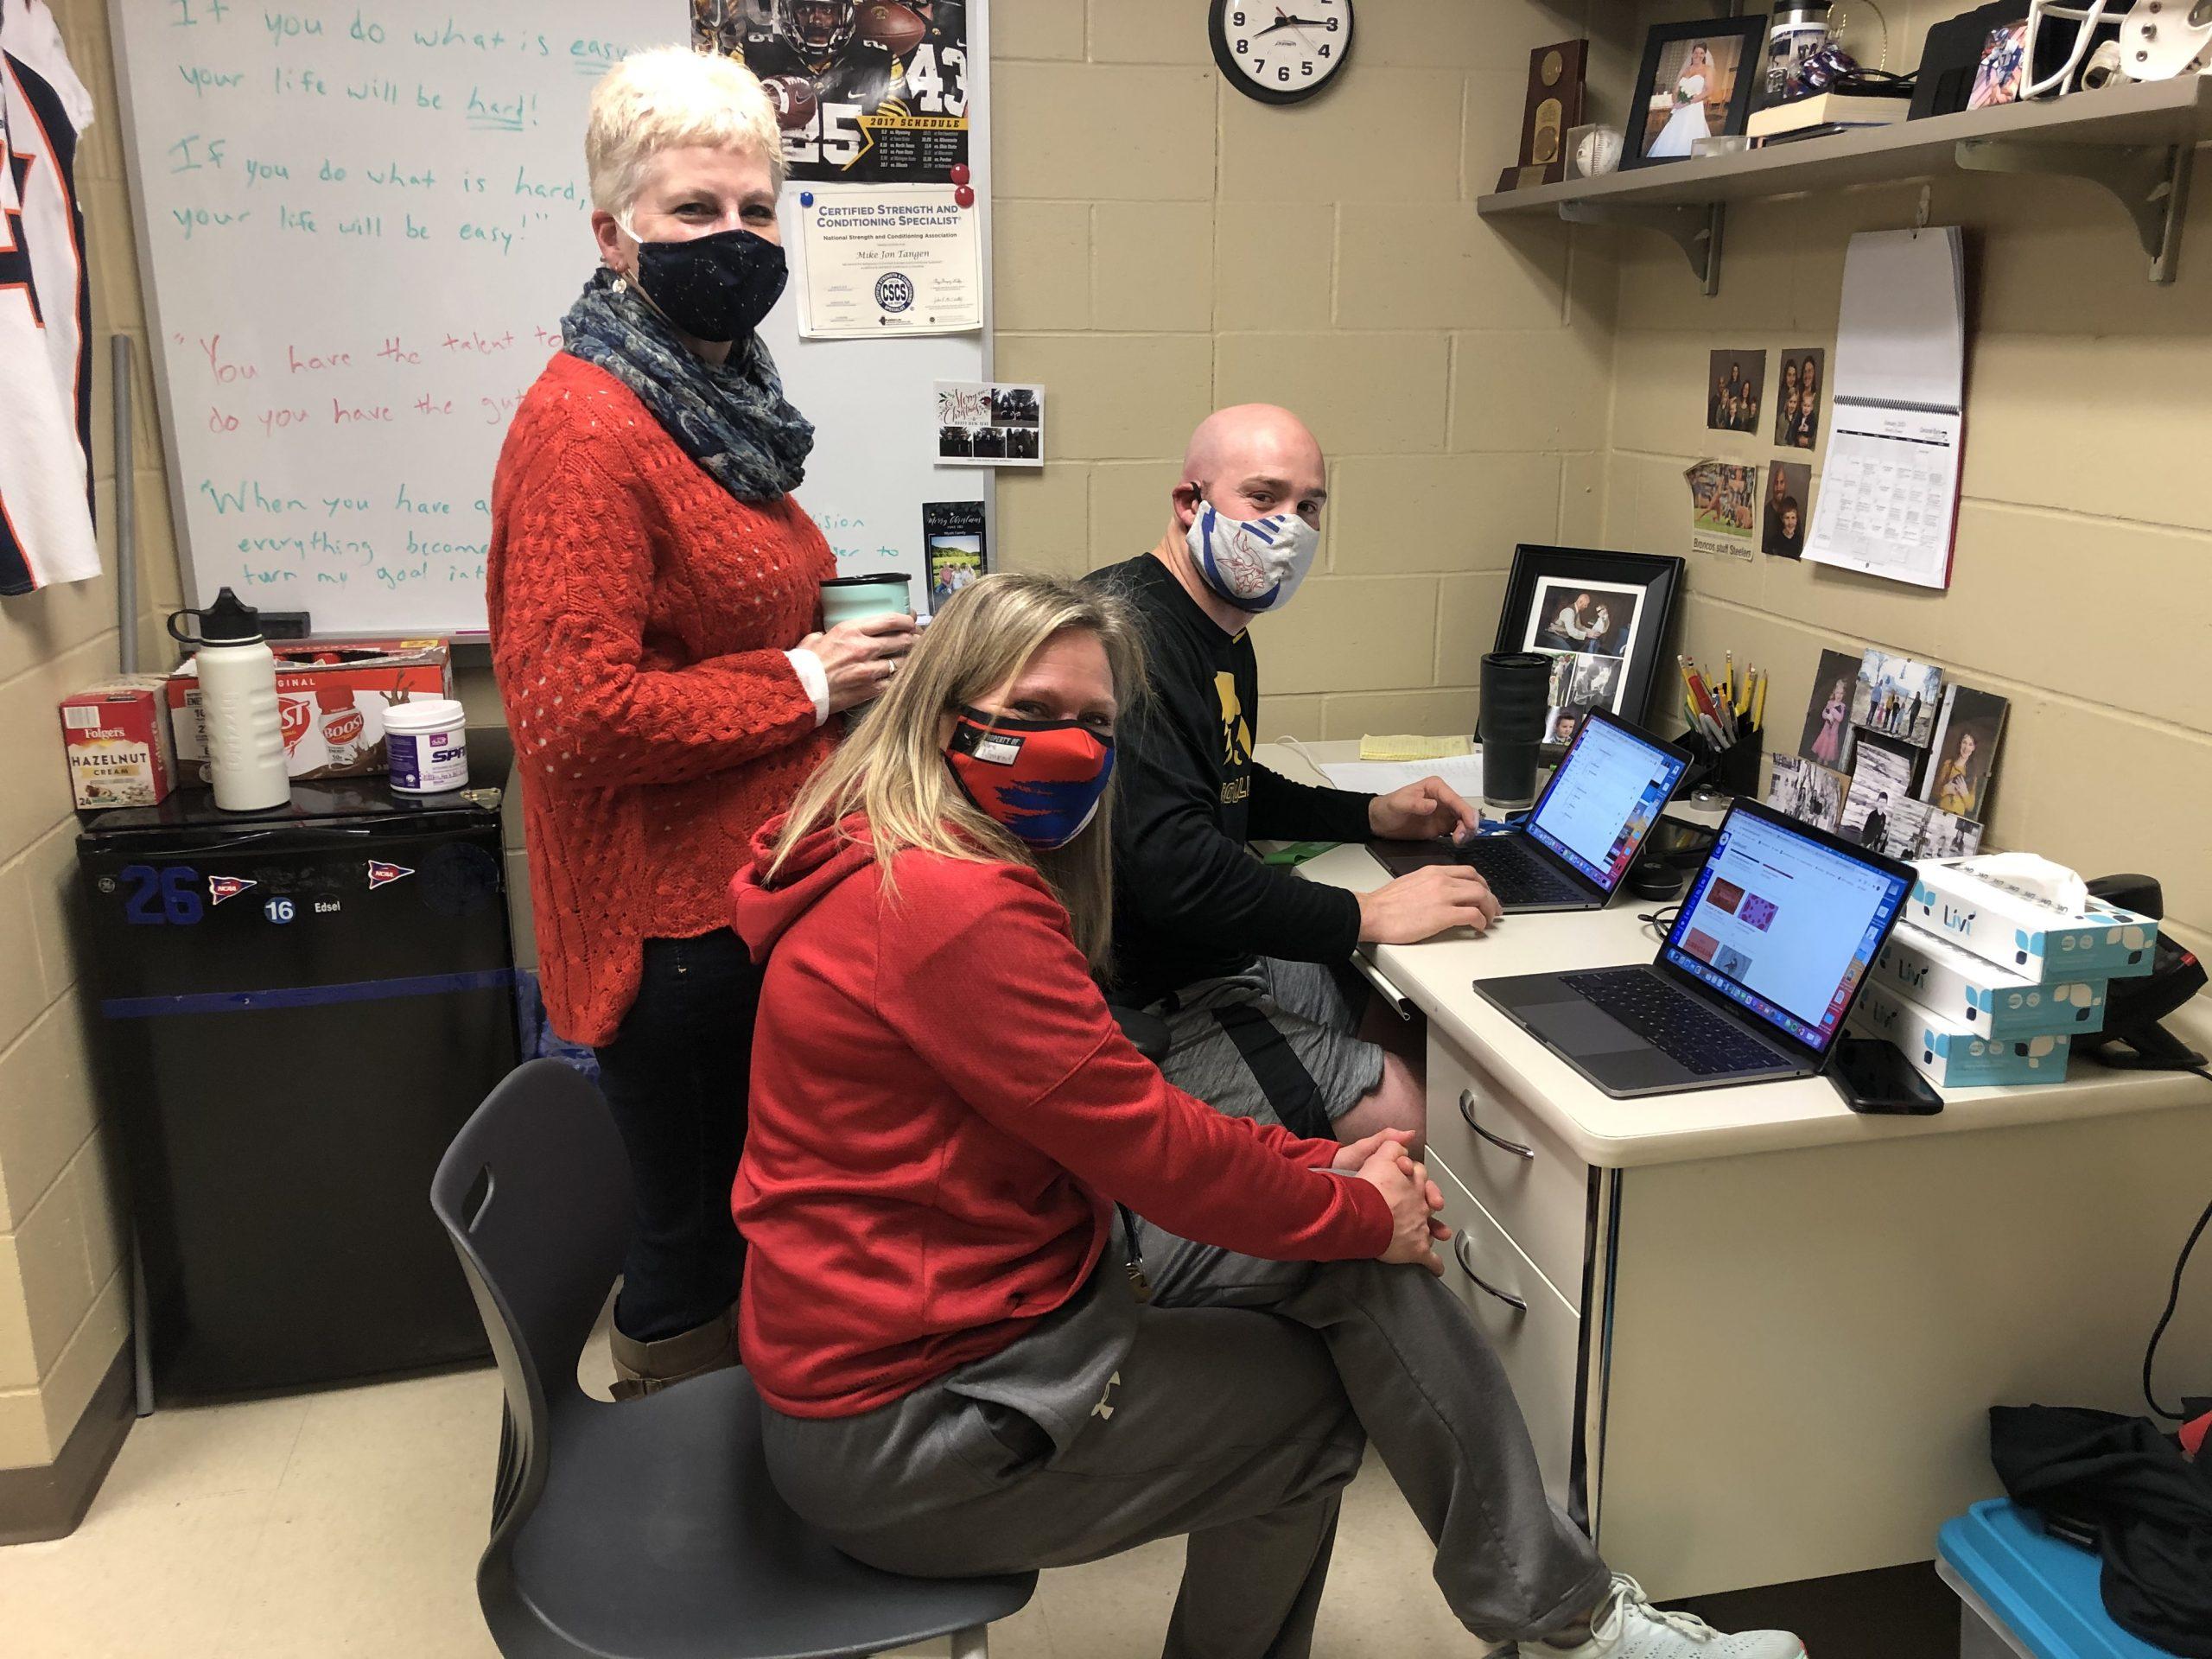 Teachers on laptops